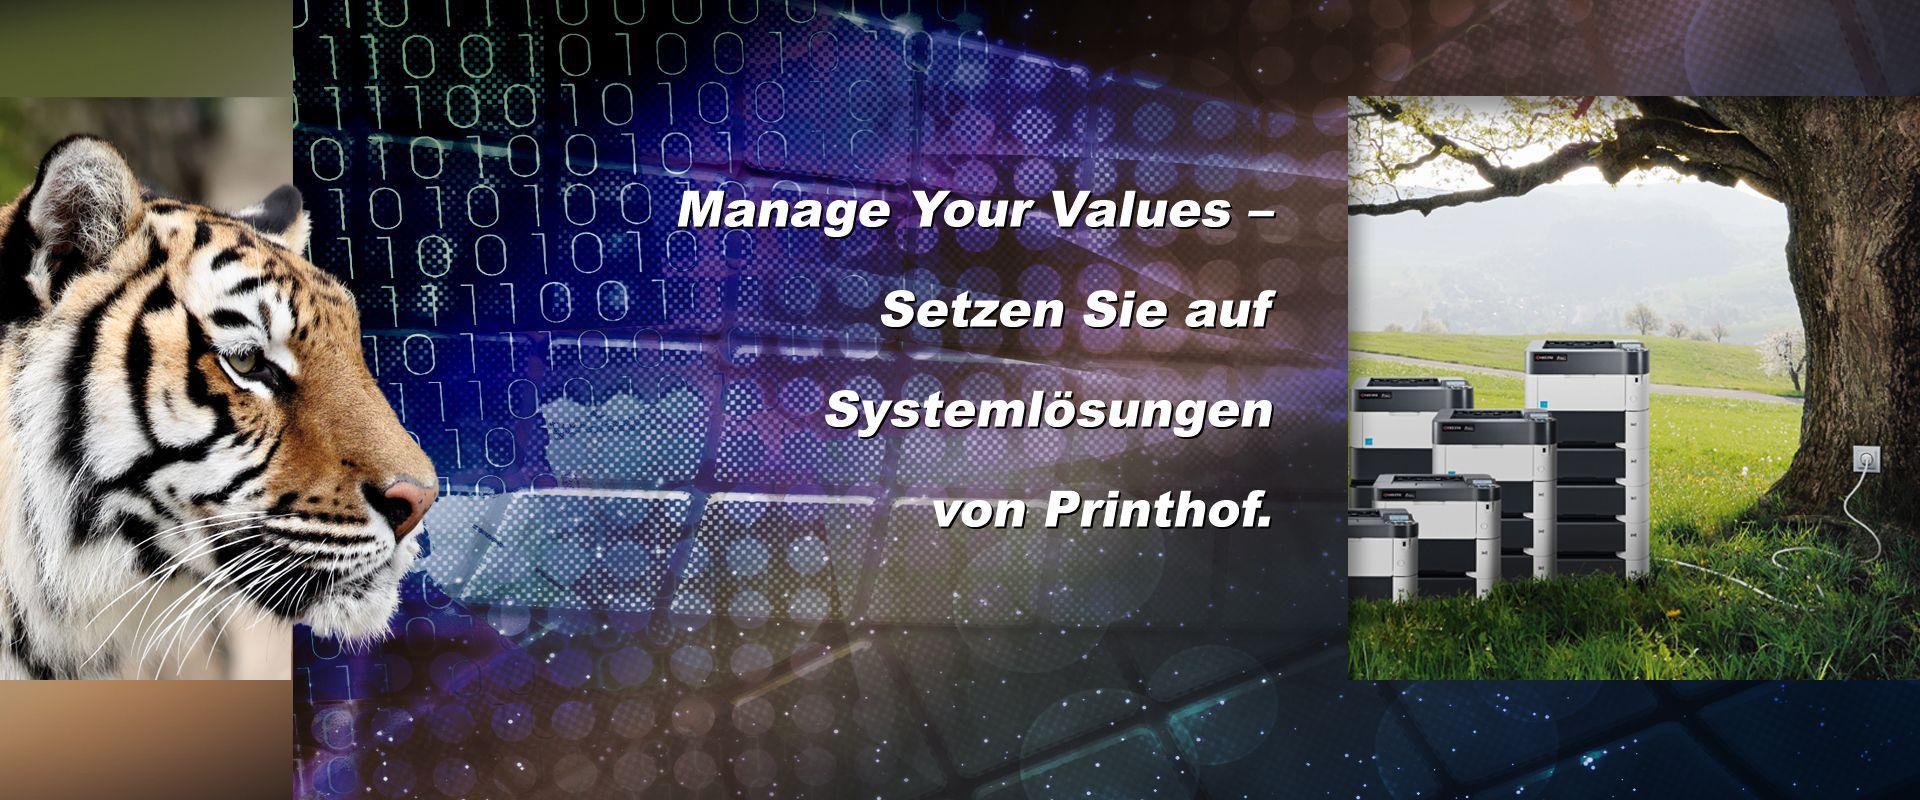 Kyocera S/W-Systeme by Printhof